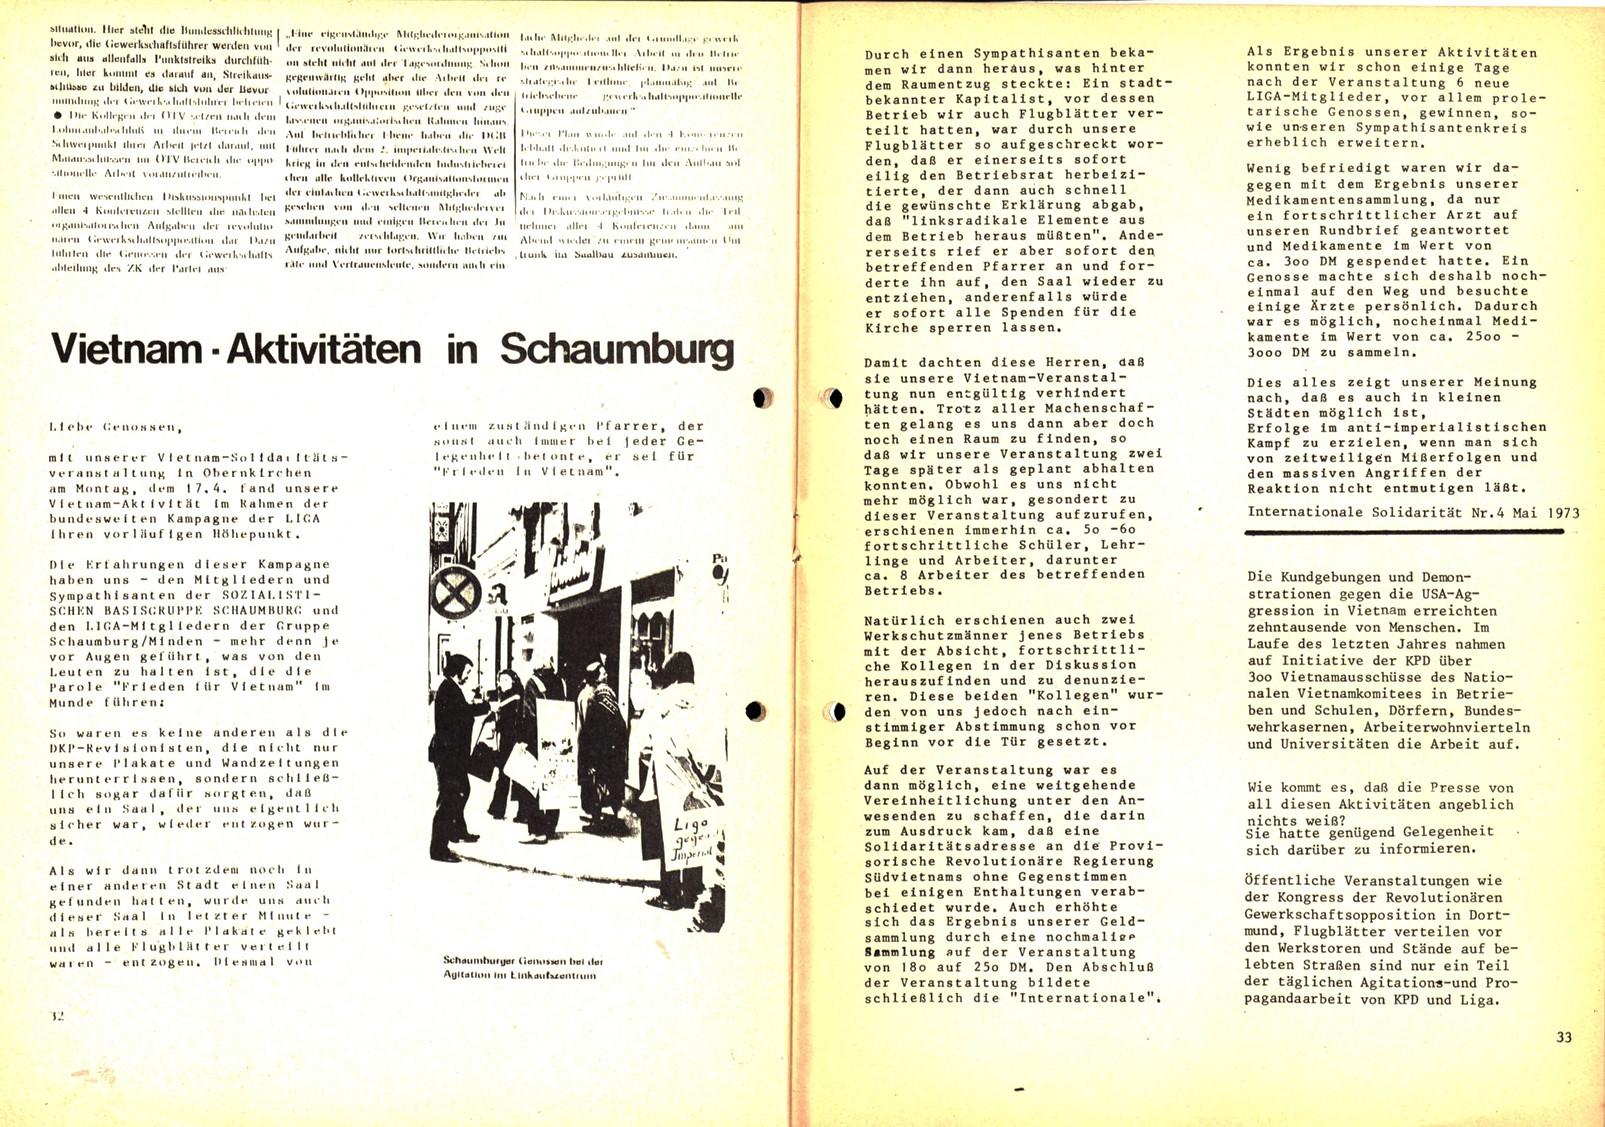 Komitee_Haende_weg_von_der_KPD_1973_Polizeijournalismus_17